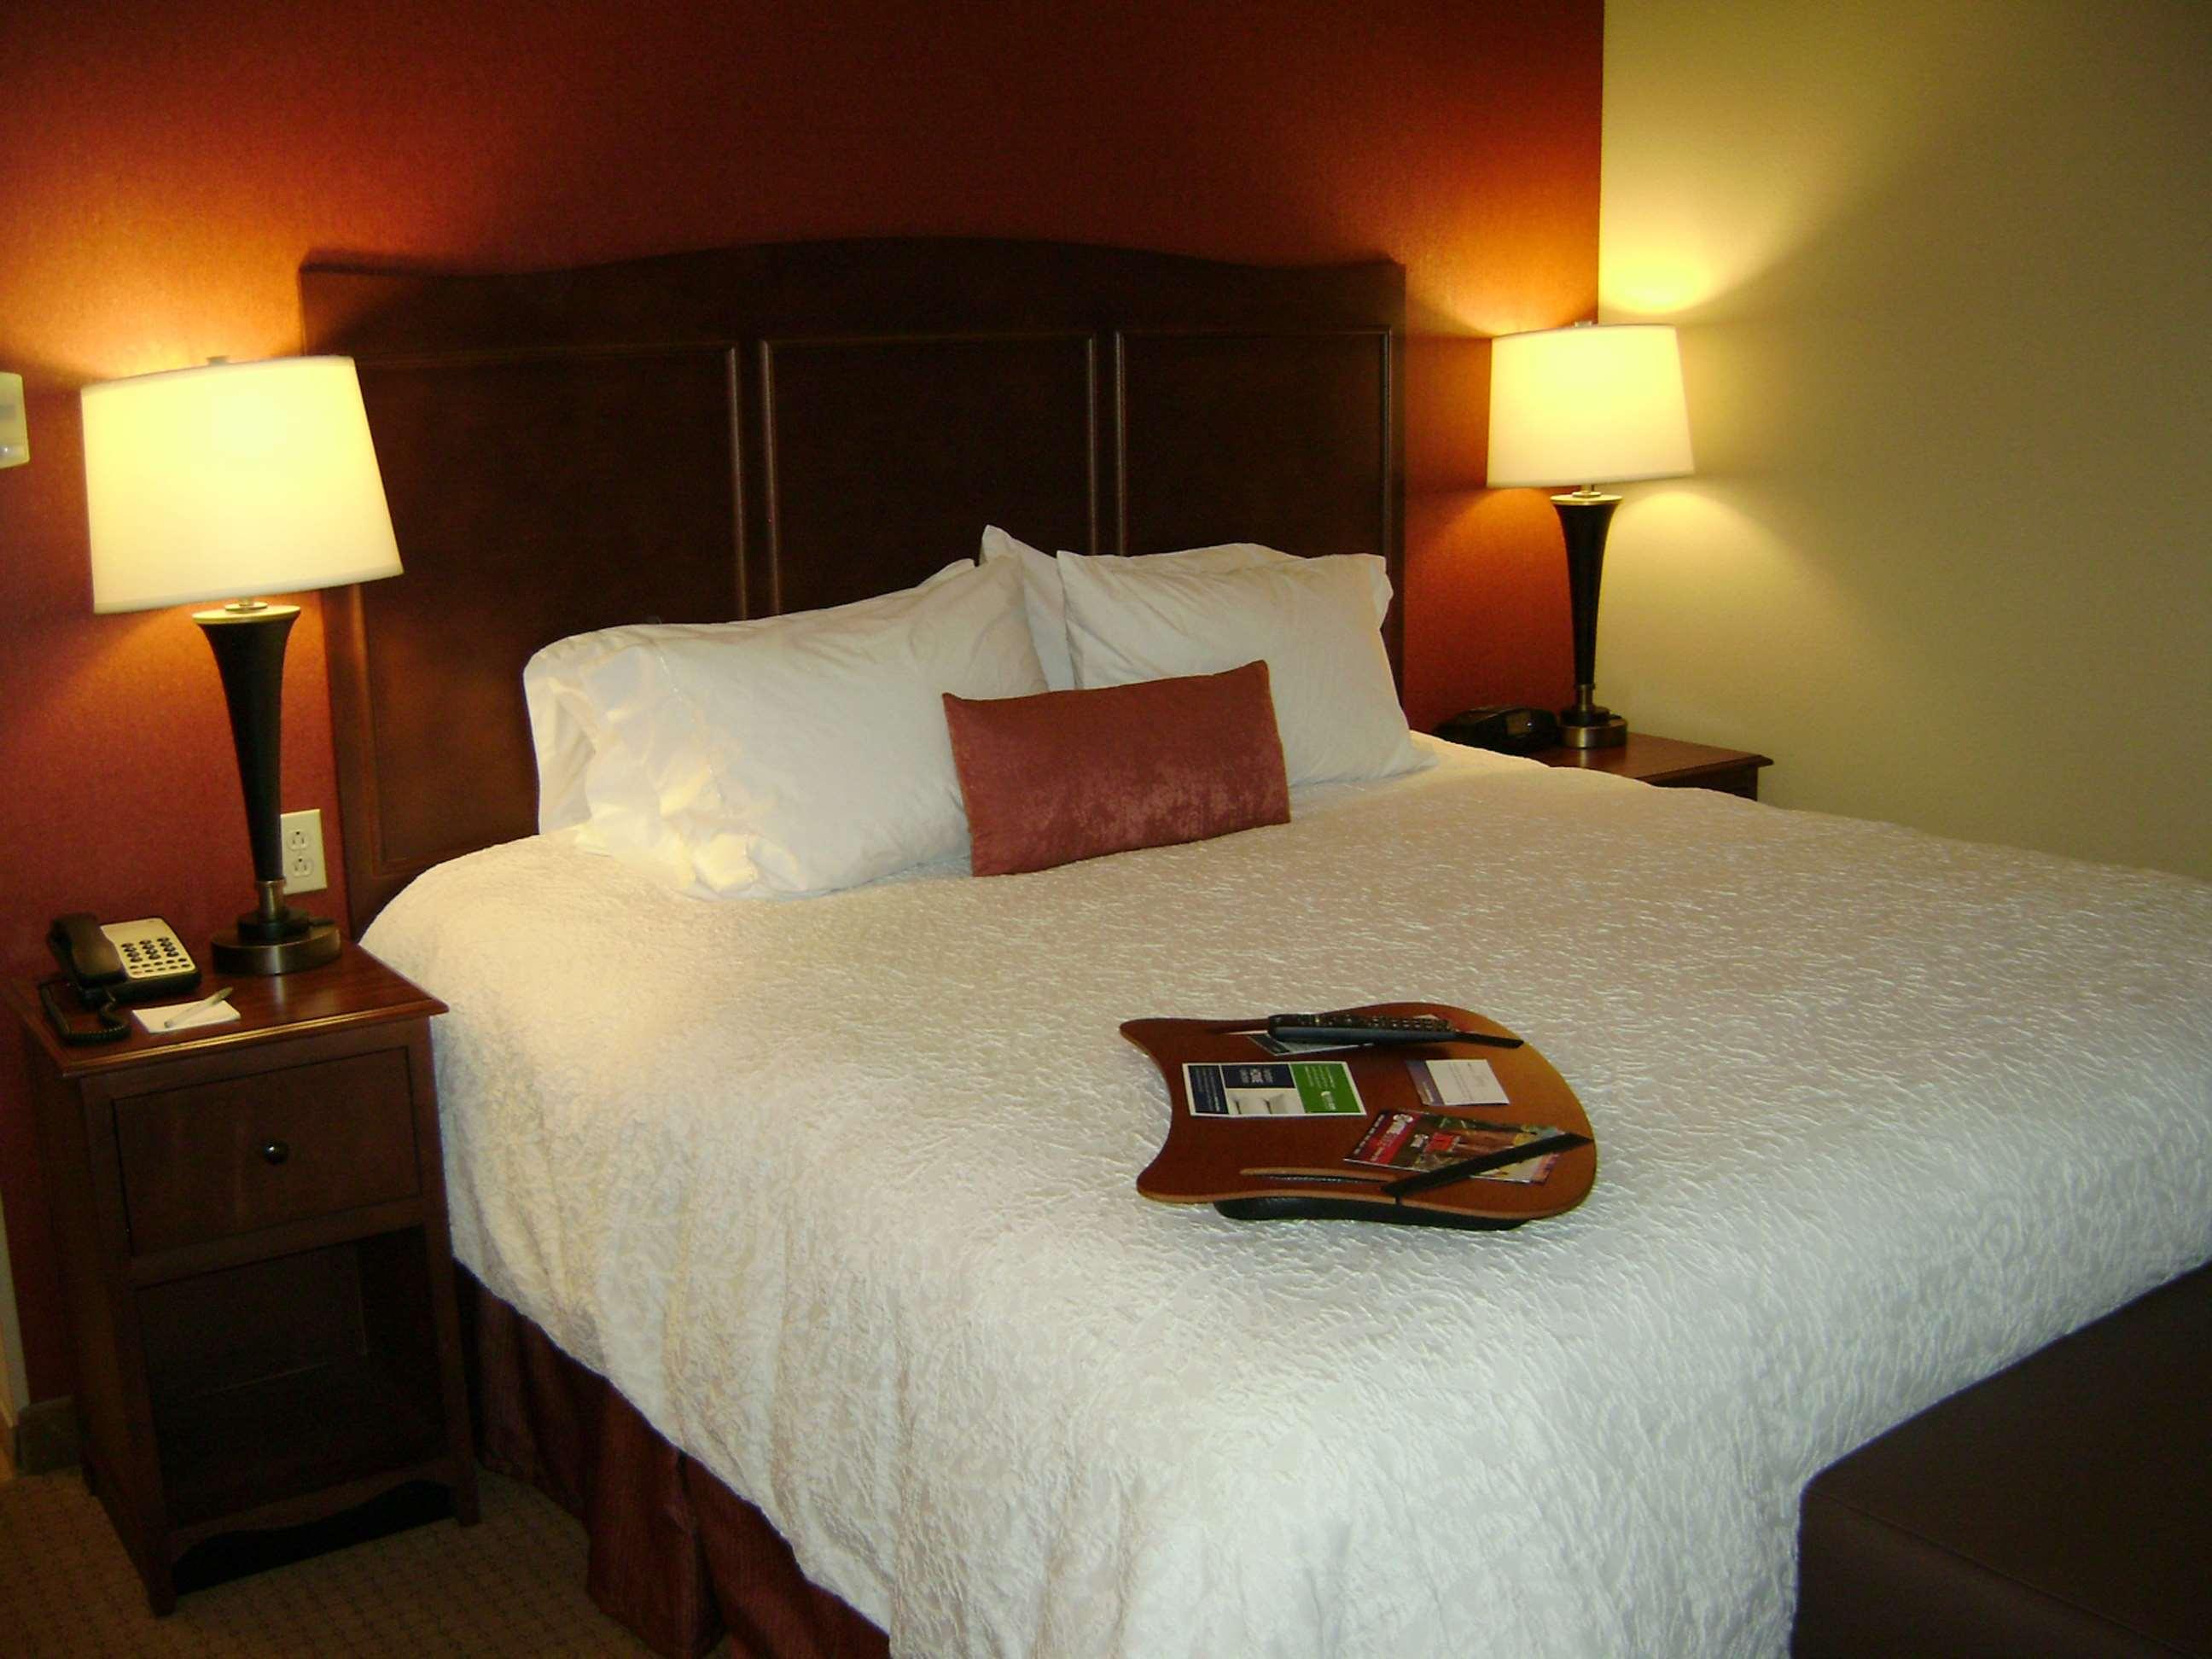 Hampton Inn & Suites St. Louis/South I-55 image 0